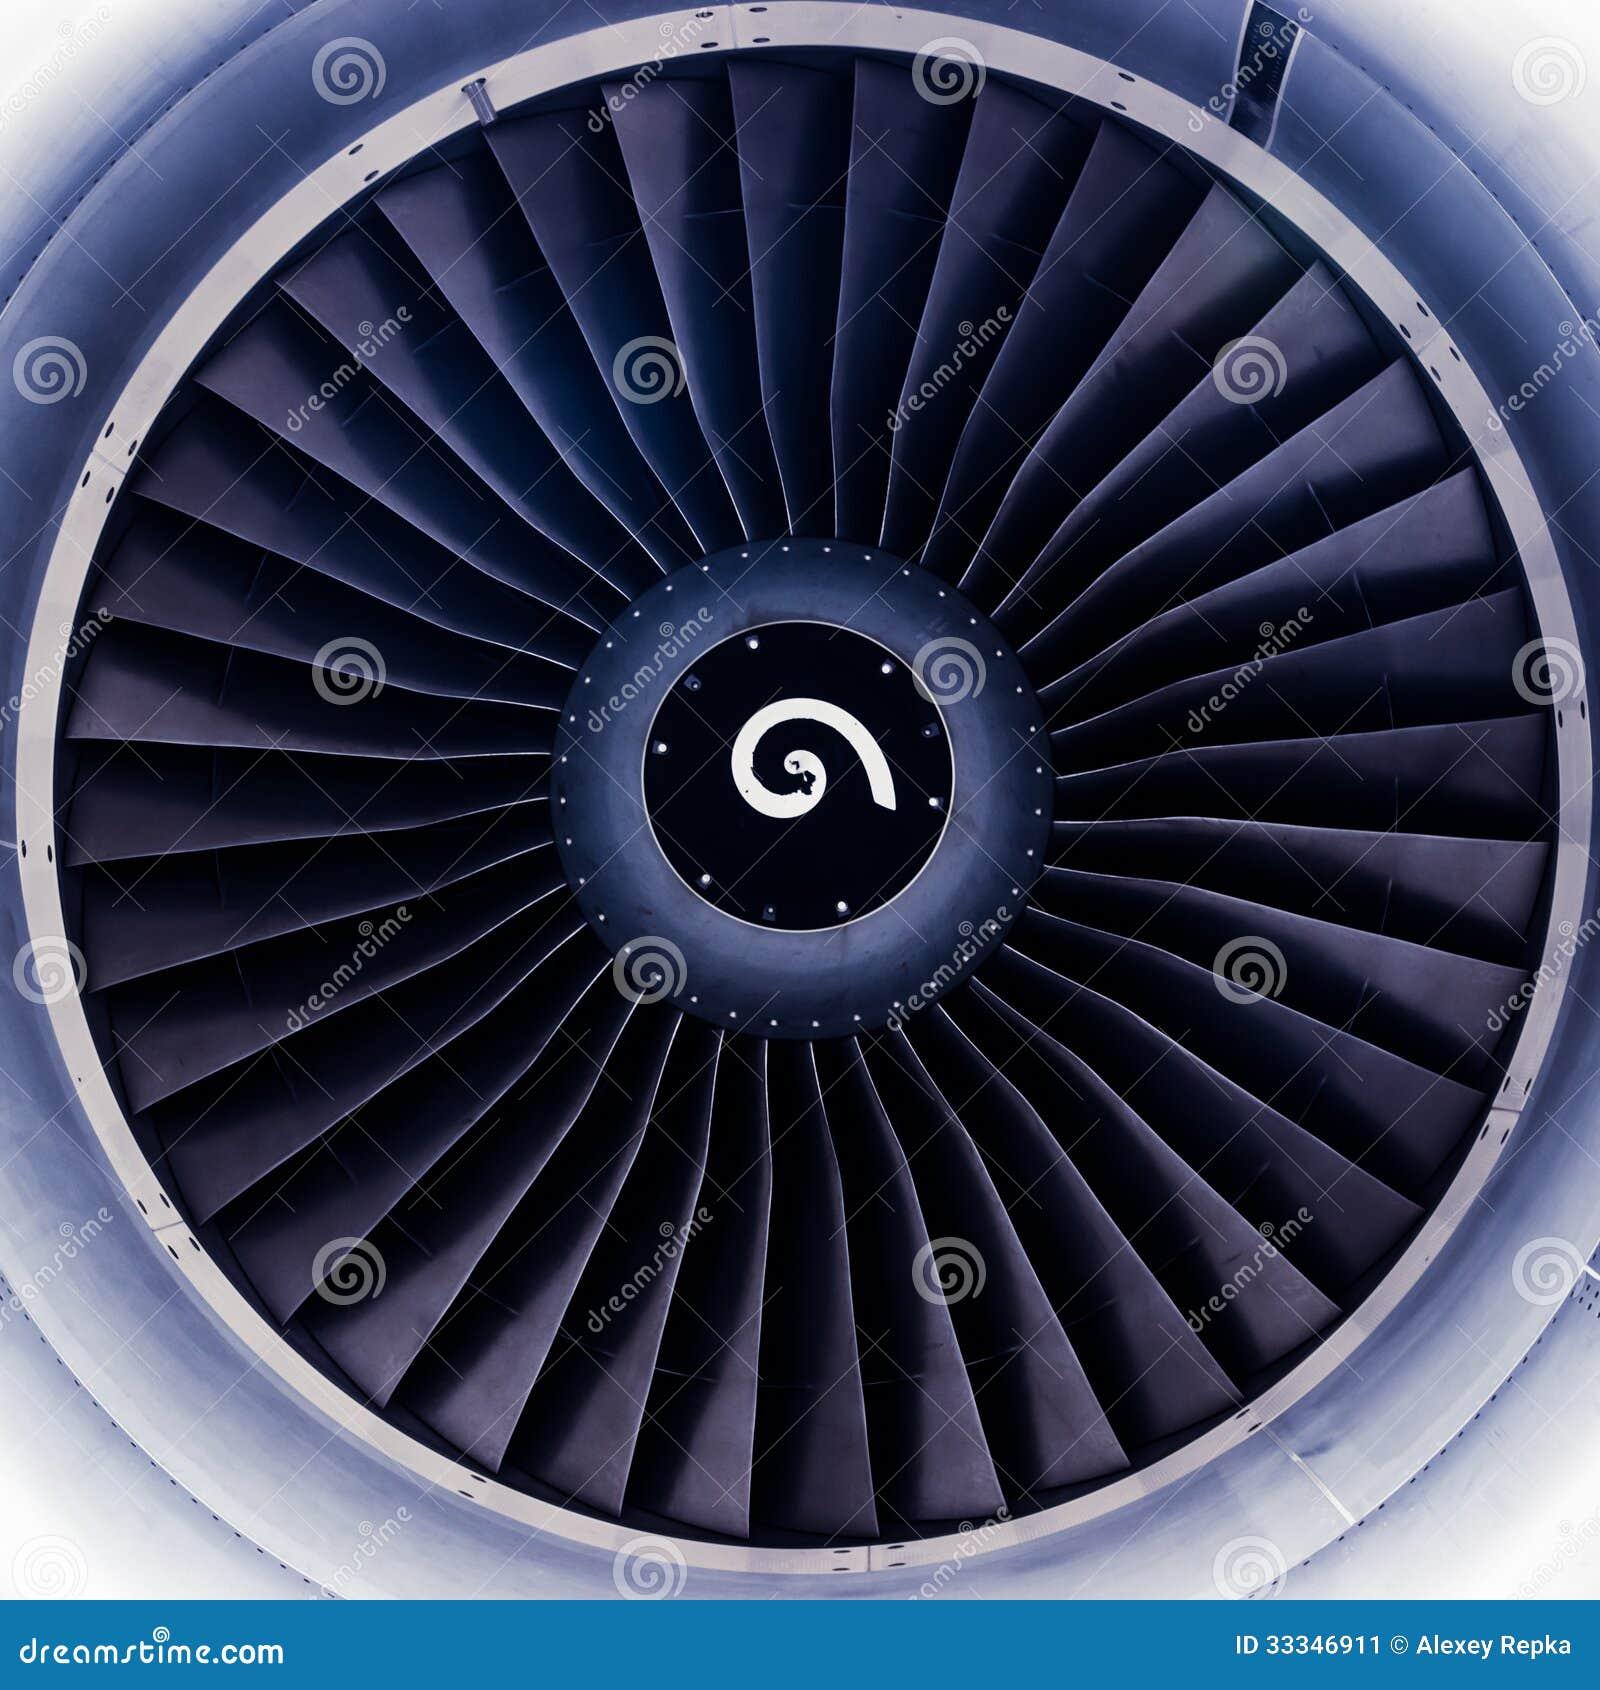 jet engine turbine and - photo #21